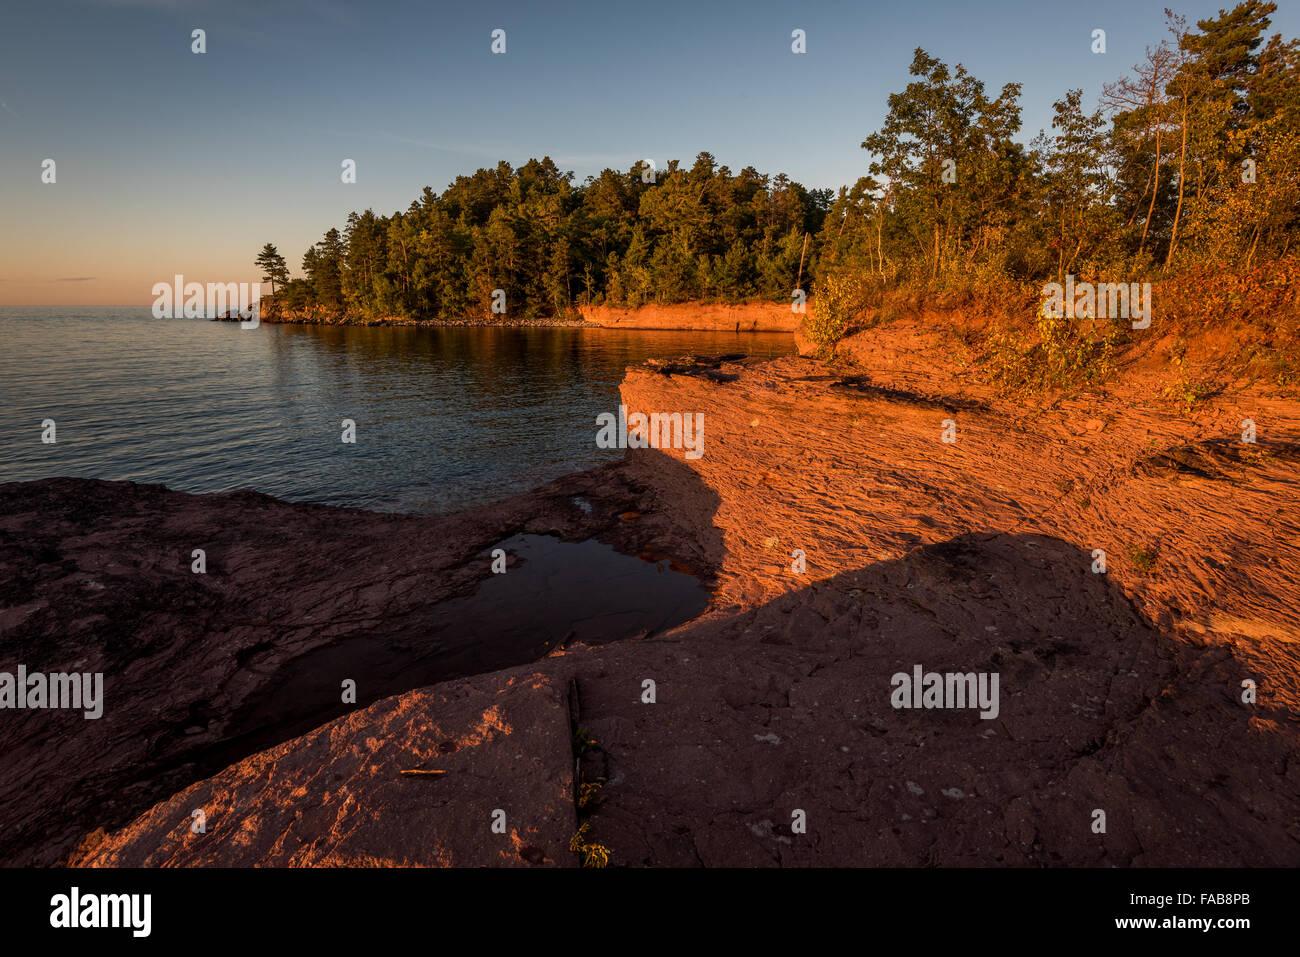 Presque Isle Stock Photos & Presque Isle Stock Images - Alamy